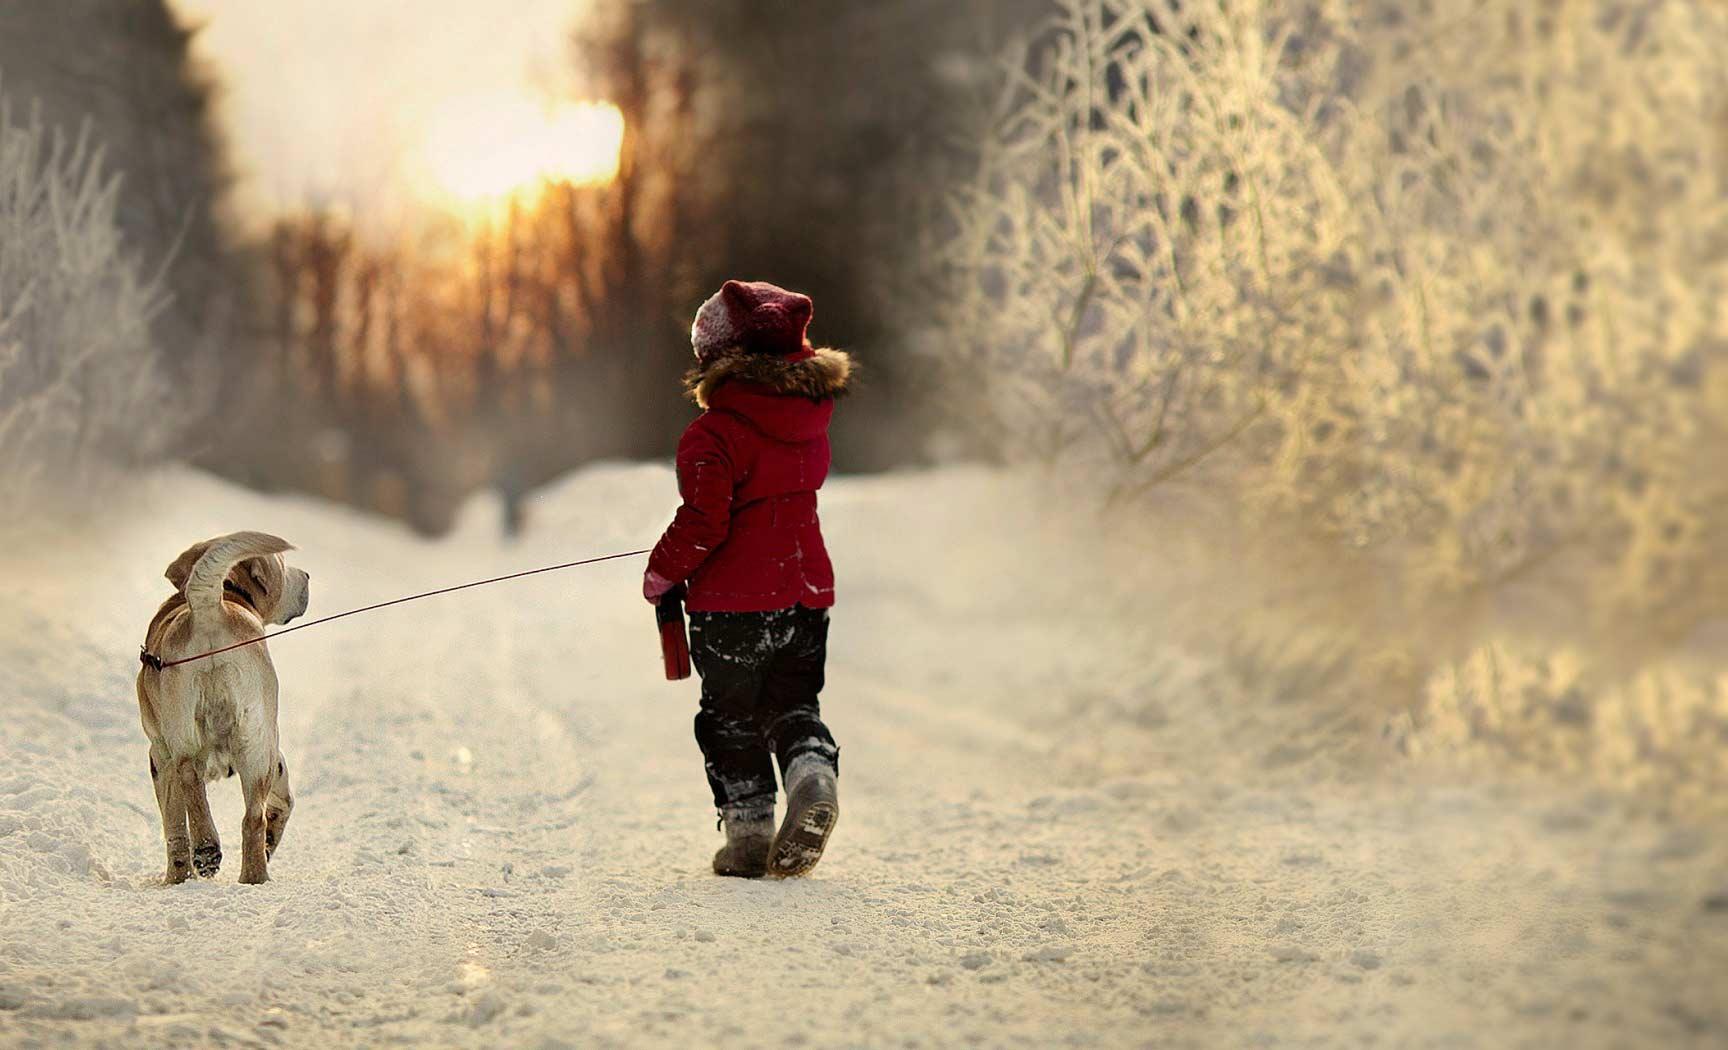 Child-walking-dog-web